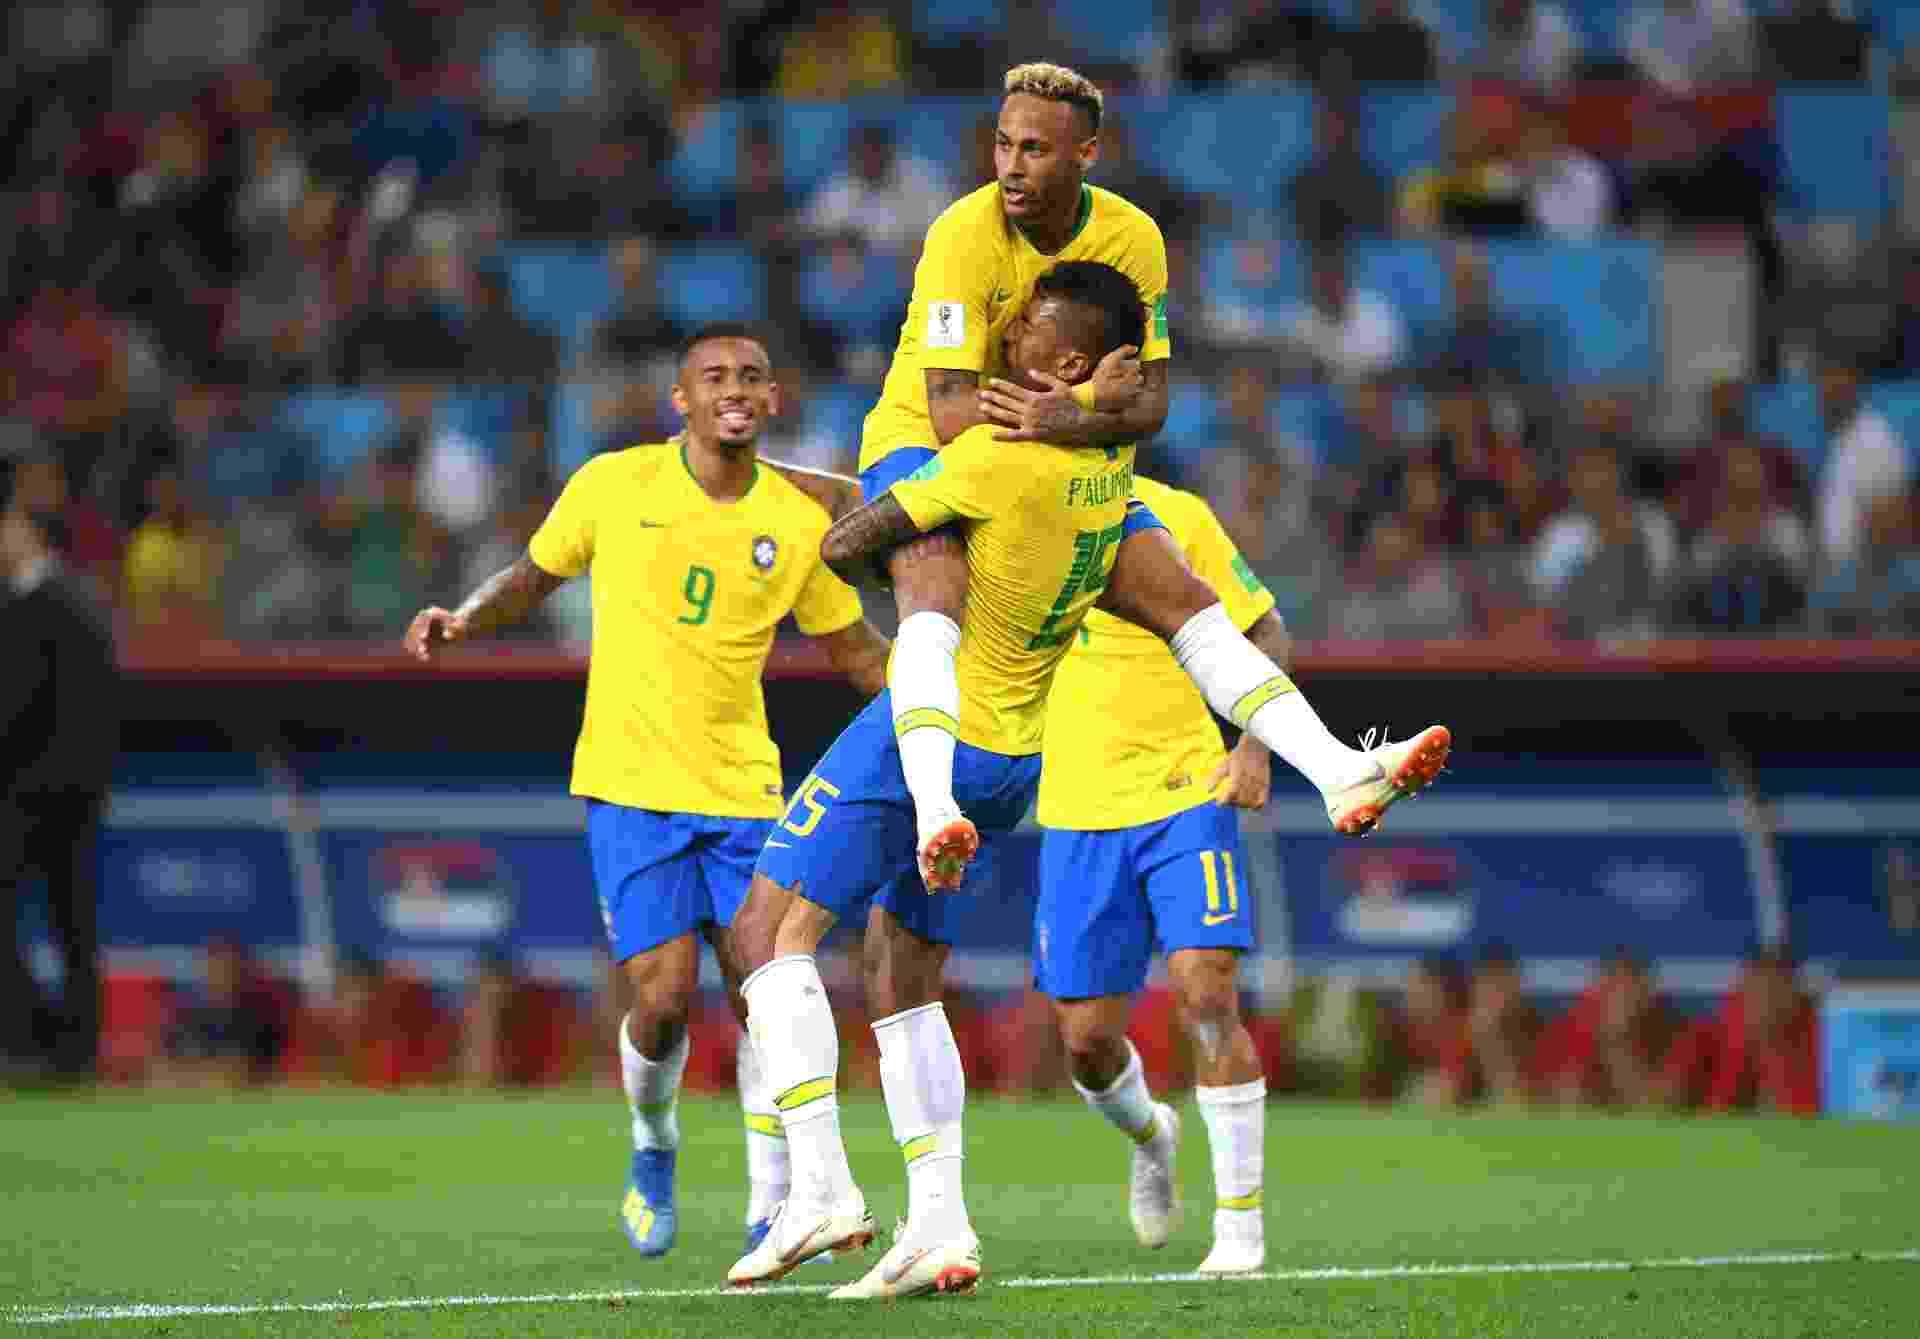 Neymar abraça Paulinho em comemoração após o gol do Brasil contra a Sérvia - Stu Forster/Getty Images